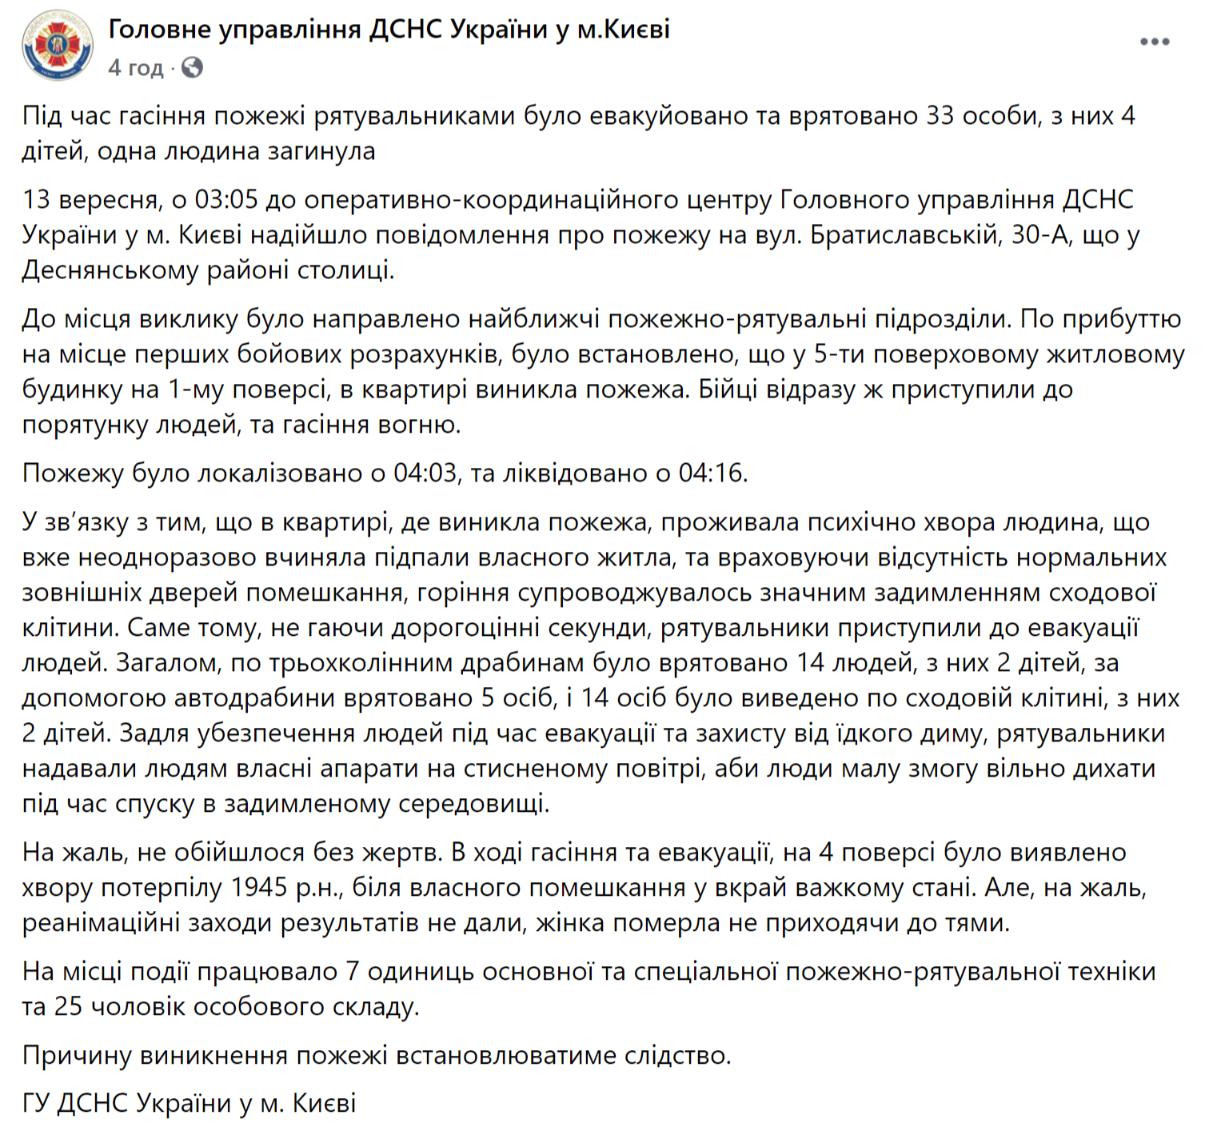 Пост про пожежу у Києві .